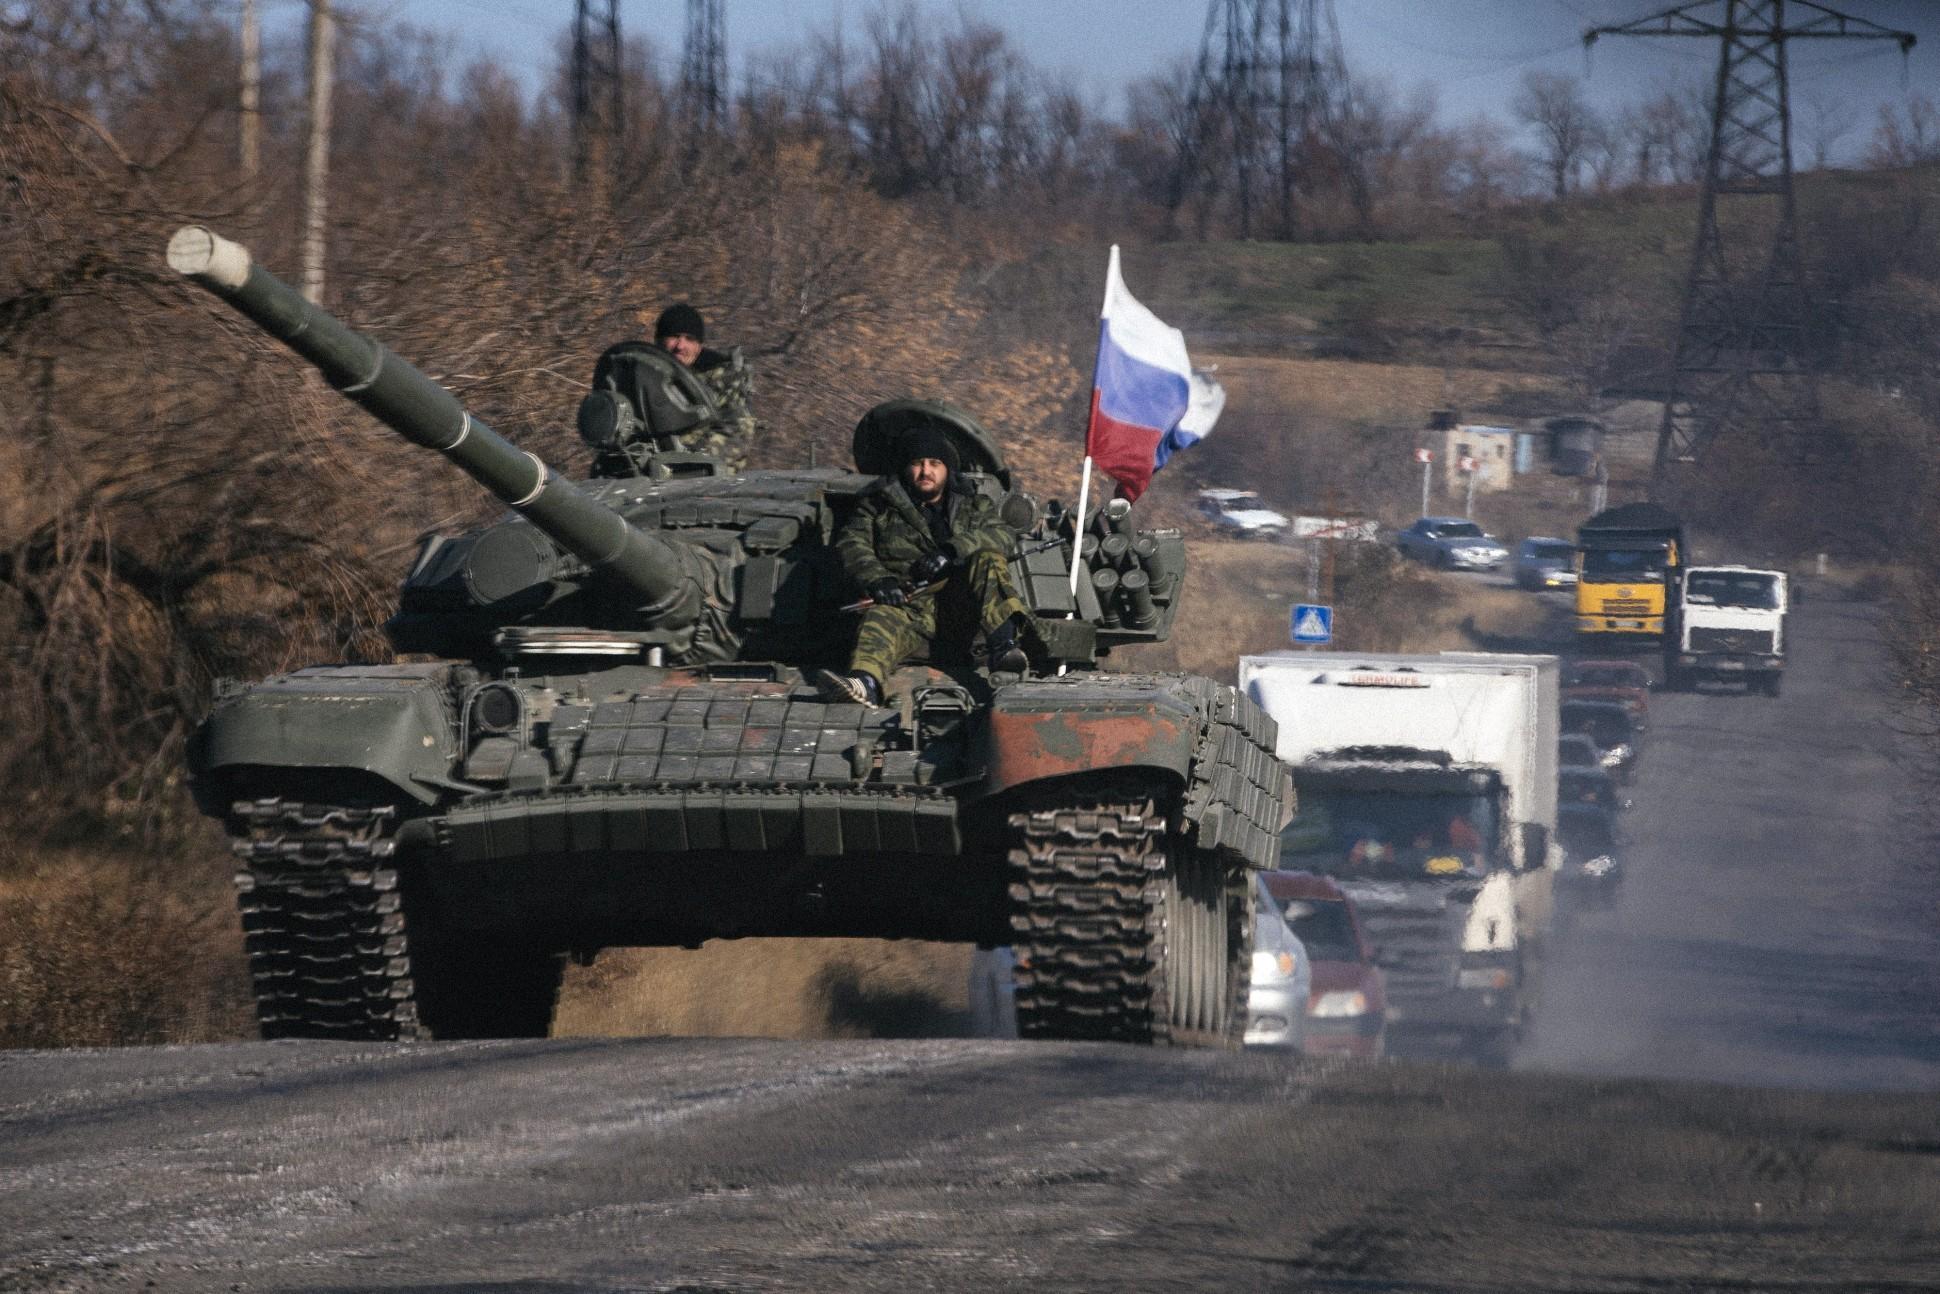 oorlogsdreiging-oekraine,-einde-navo-en-machtsverschuiving-richting-turkije?